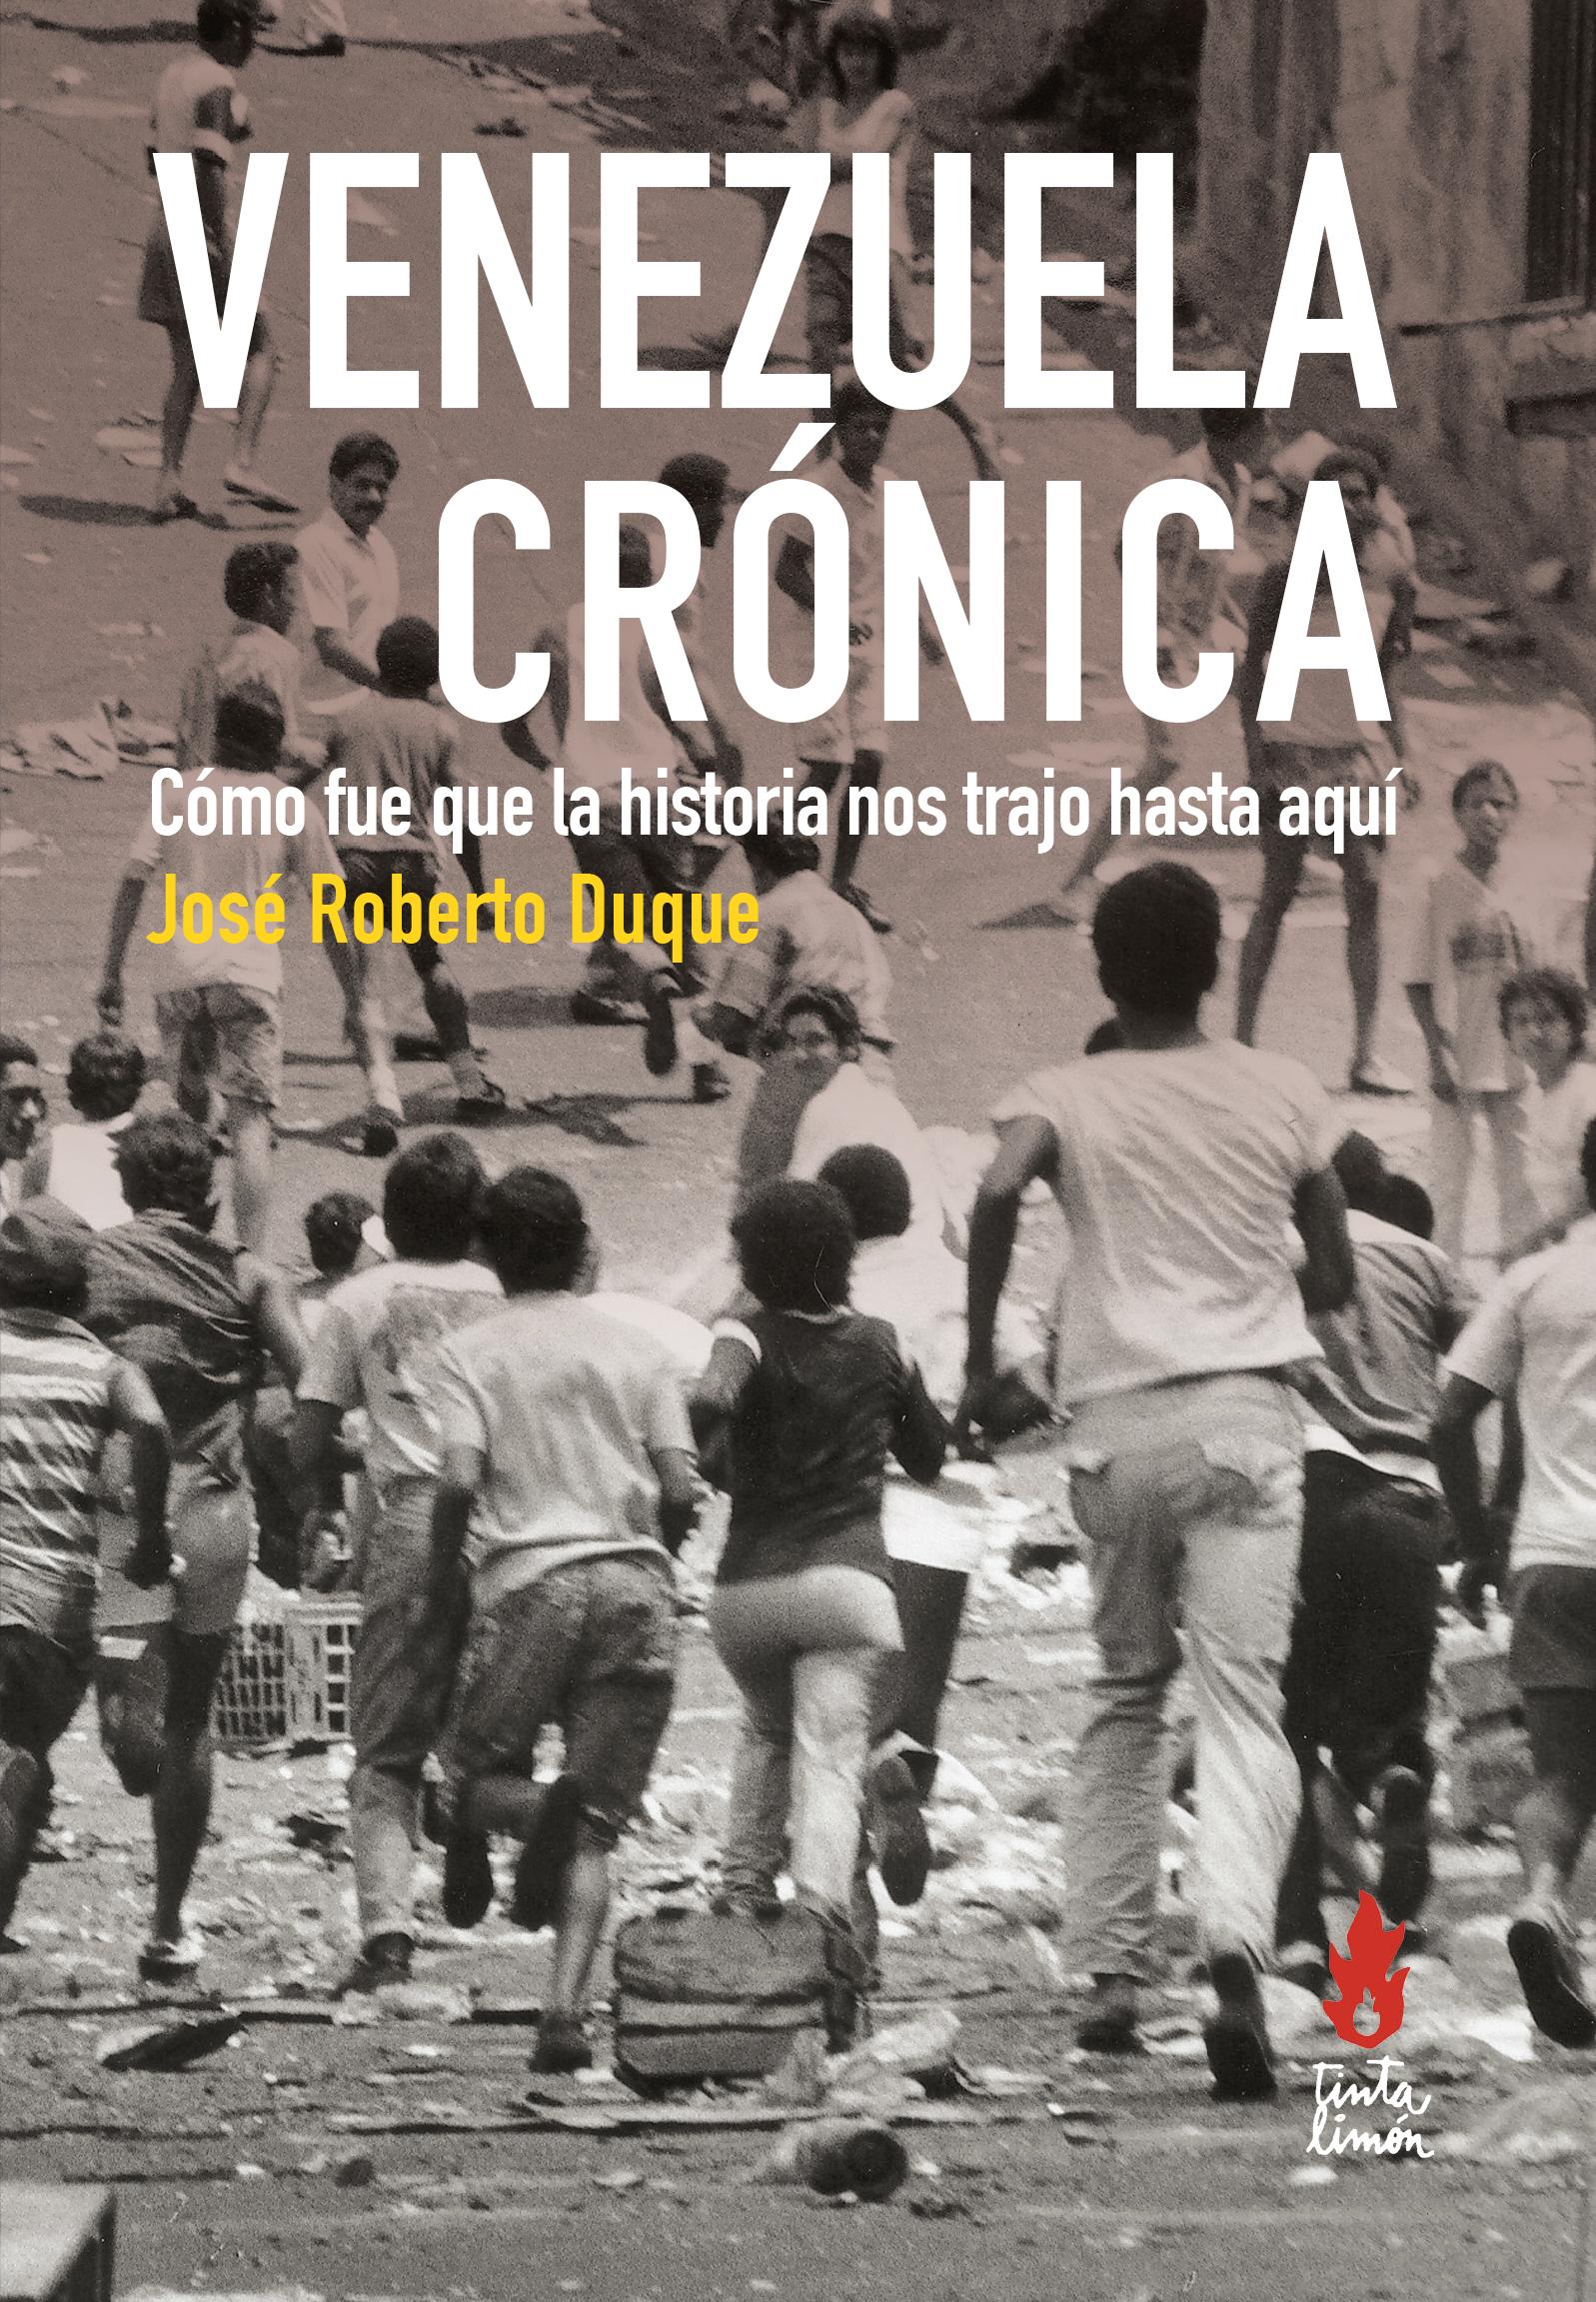 Venezuela Crónica - tapa